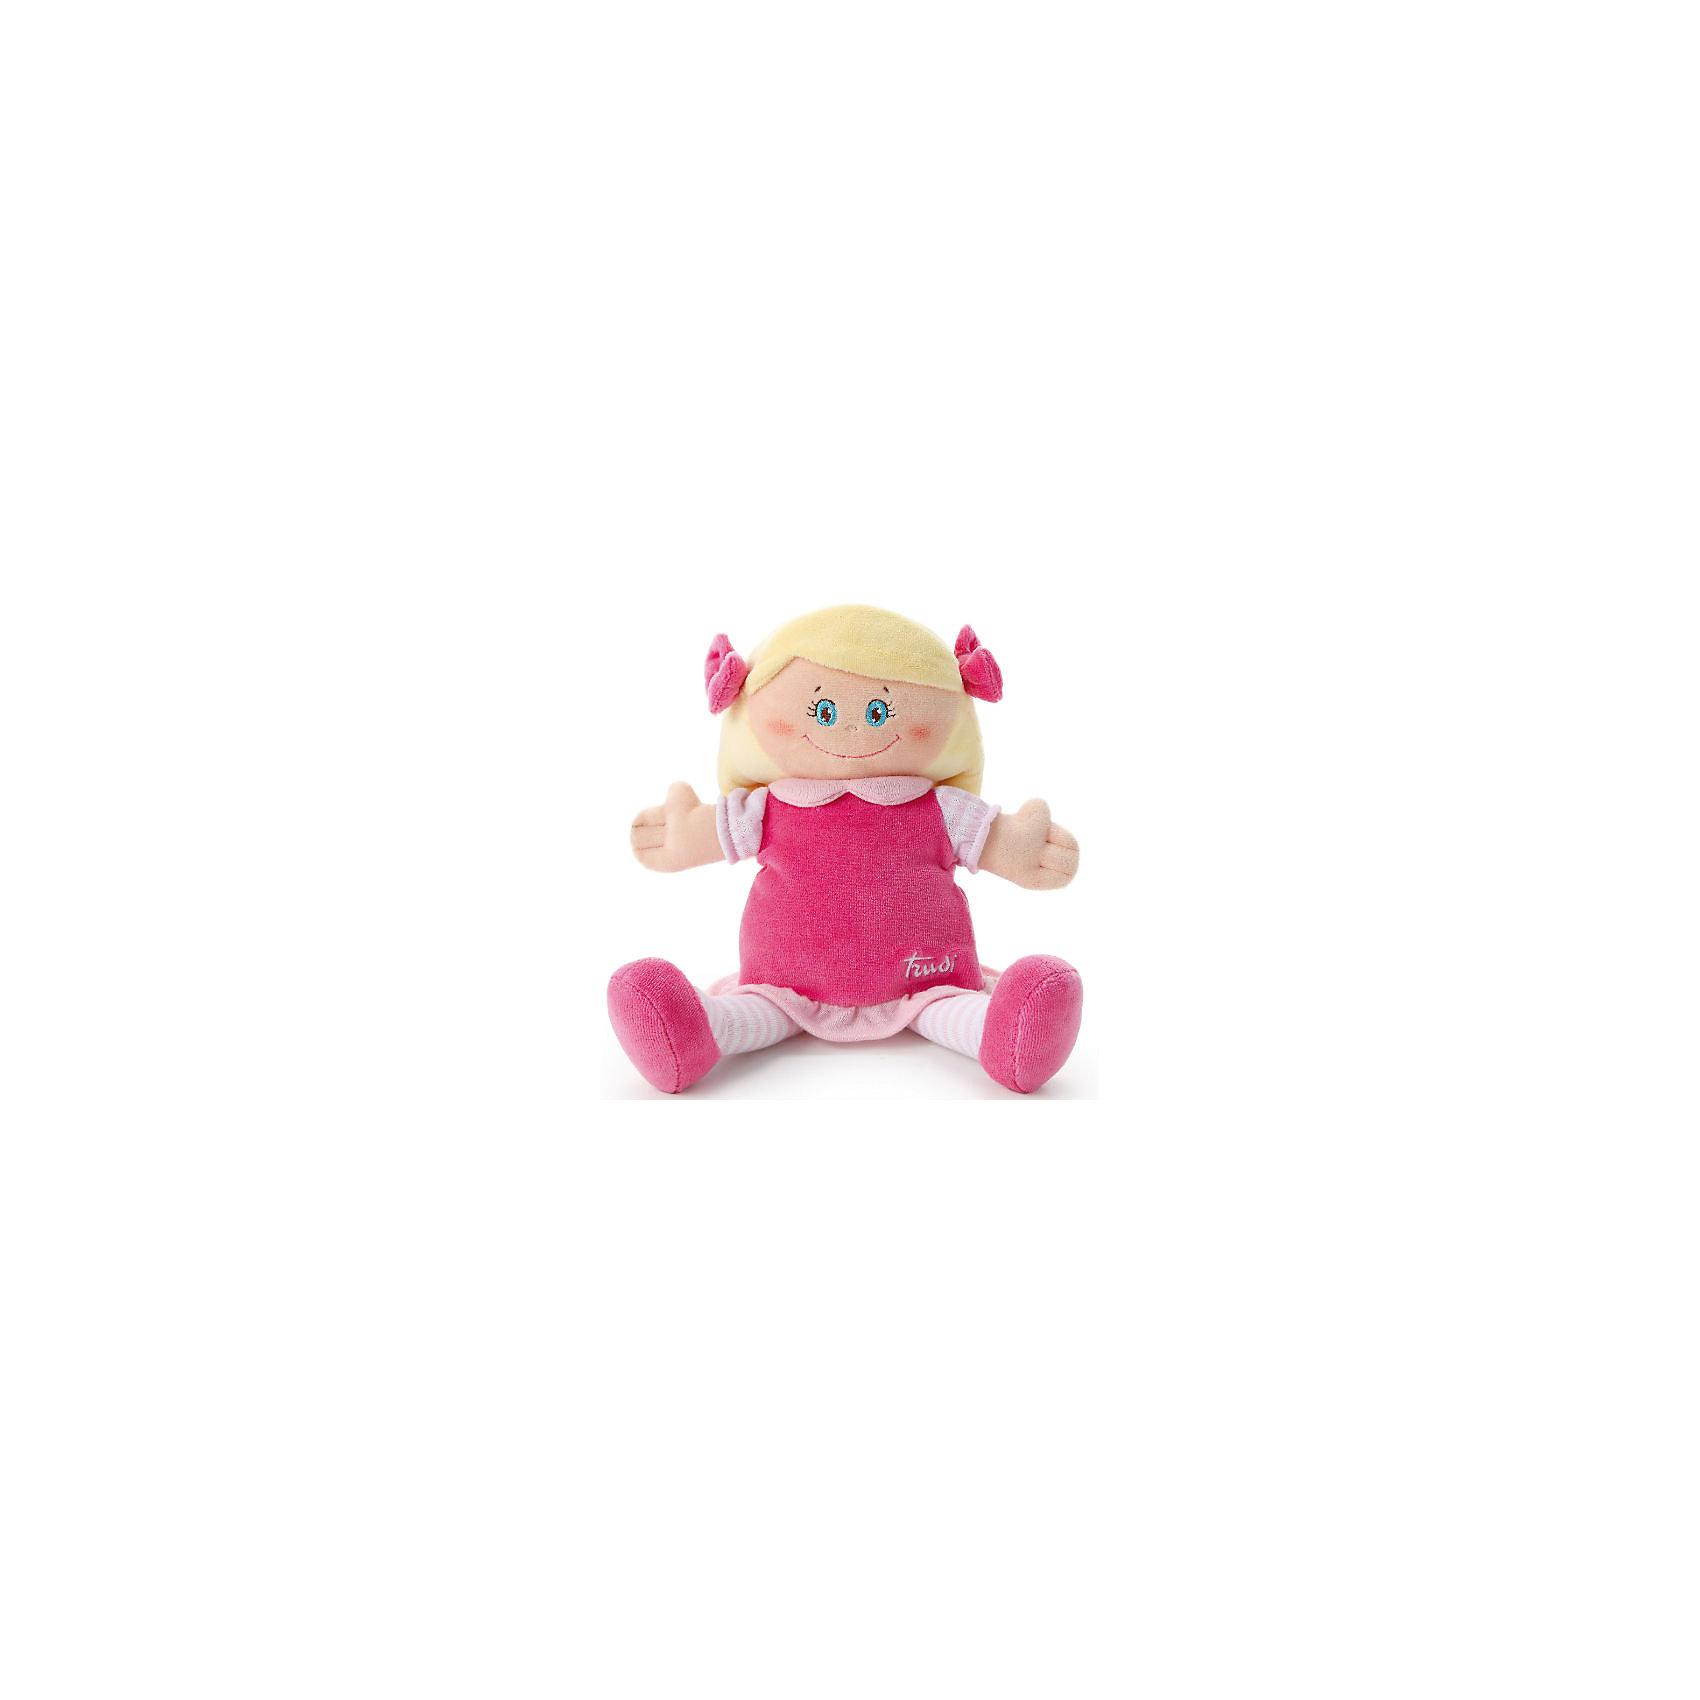 Мягкая кукла в малиновом платье, 24 см, TrudiМягкая кукла в малиновом платье, 24 см. от популярного итальянского бренда Trudi (Труди) станет первой подругой малыша с самого рождения. Кукла изготовлена из безопасных материалов, не содержит мелких деталей и разработана специально для новорожденных. Приятные оттенки малинового придут по вкусу крохе, а красивые голубые глаза убеждают в том, что кукла будто живая. Детишки постарше смогут играть с куклой в дочки-матери и отрабатывать социальные навыки. Игрушка-кукла поможет развить воображение, навыки общения, моторику рук, а также тактильное и цветовое восприятие.   <br>Дополнительная информация:<br><br>- Состав: текстиль<br>- Размер: 24 см. <br><br>Мягкую куклу в малиновом платье, 24 см, Trudi (Труди) можно купить в нашем интернет-магазине.<br>Подробнее:<br>• Для детей в возрасте: от 0 месяцев <br>• Номер товара: 5055274<br>Страна производитель: Китай<br><br>Ширина мм: 135<br>Глубина мм: 90<br>Высота мм: 240<br>Вес г: 130<br>Возраст от месяцев: -2147483648<br>Возраст до месяцев: 2147483647<br>Пол: Женский<br>Возраст: Детский<br>SKU: 5055274